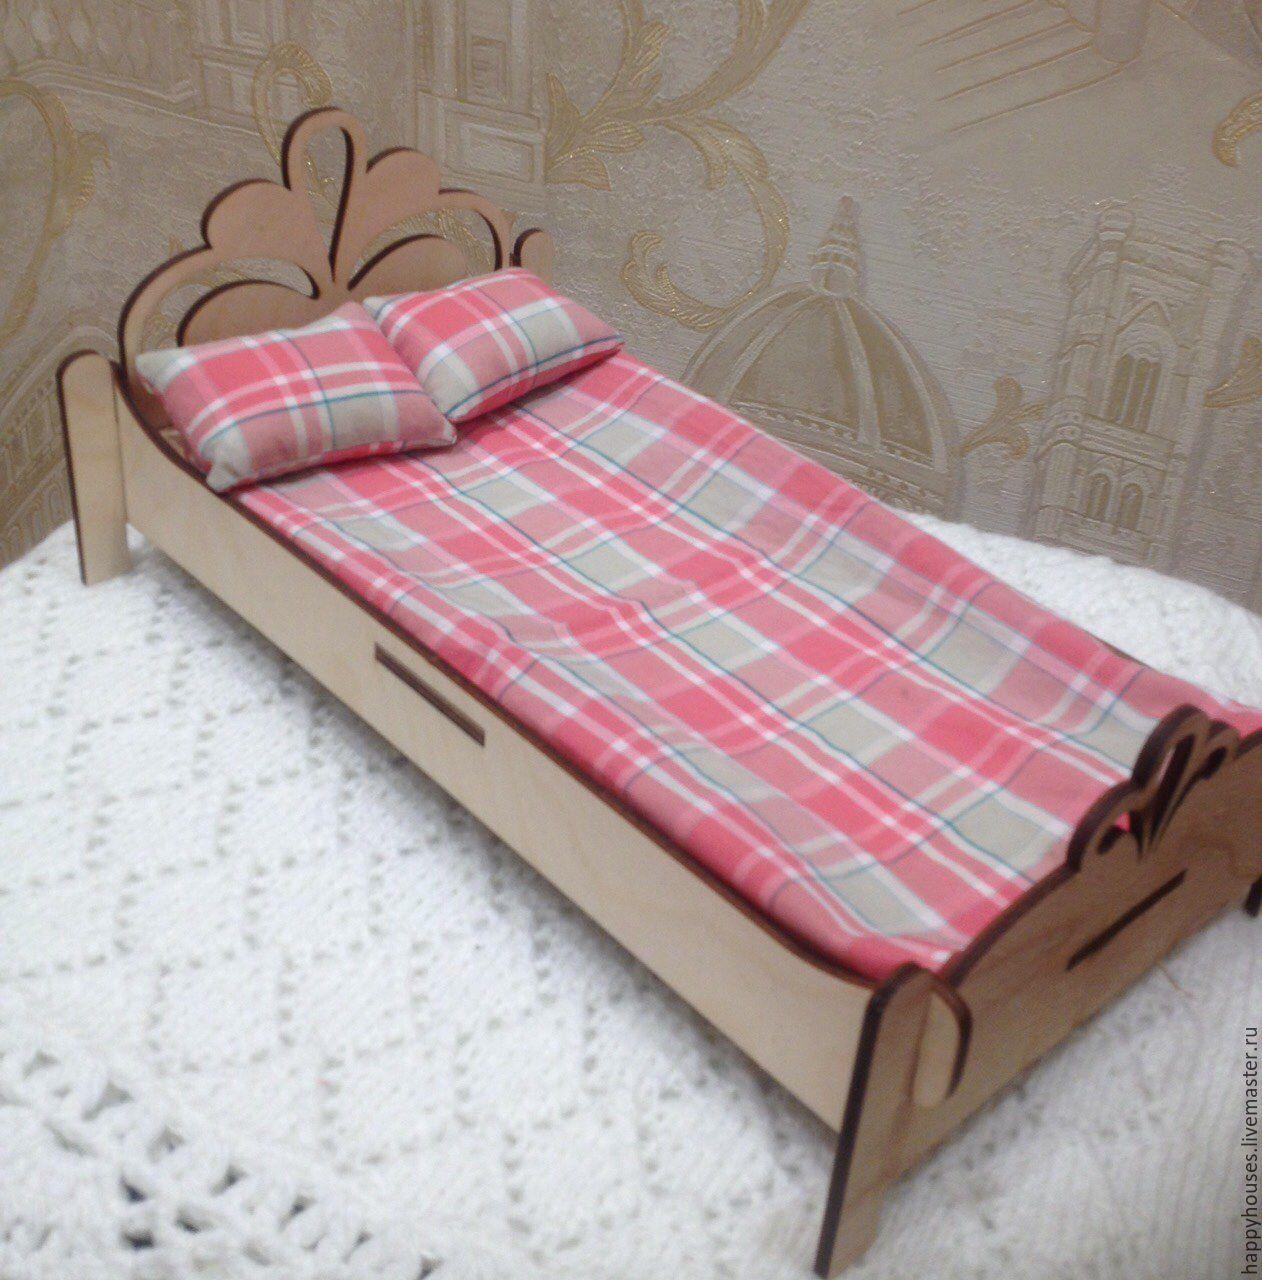 Кровать для куклы. Как сделать кровать для куклы своими руками? 5